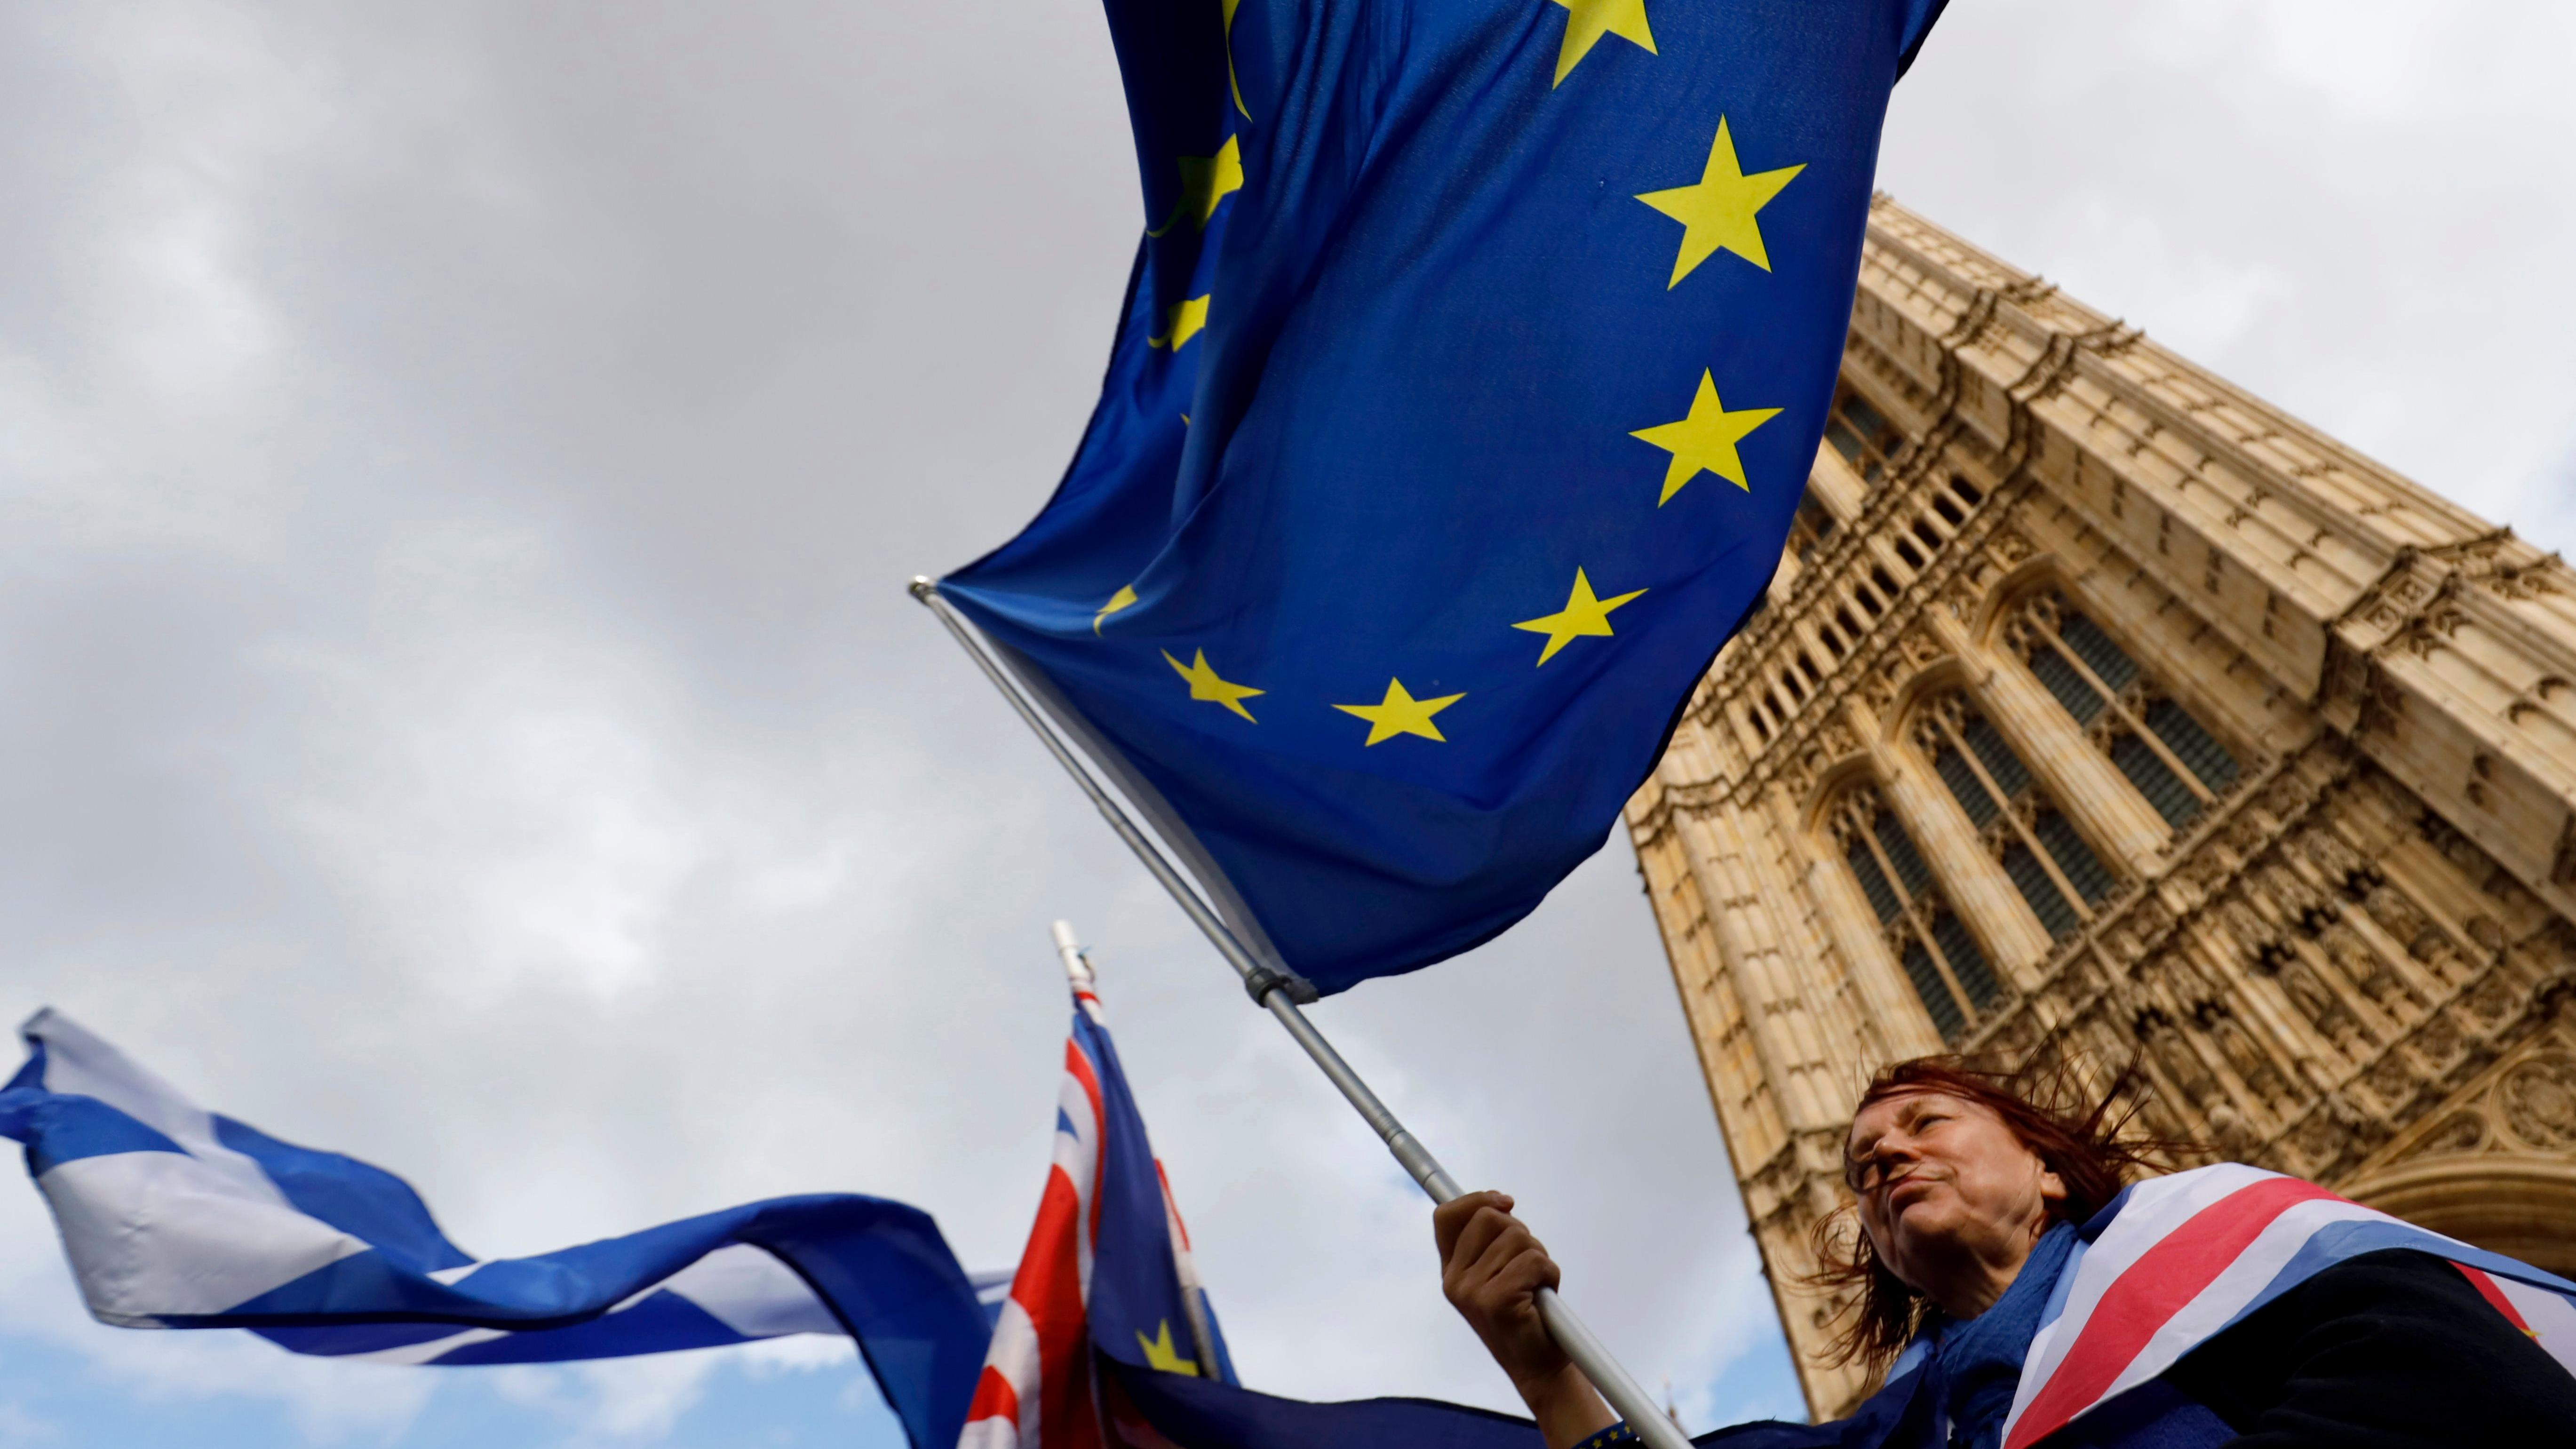 Mehr als 1,7 Millionen unterschreiben Petition für Brexit-Abbruch